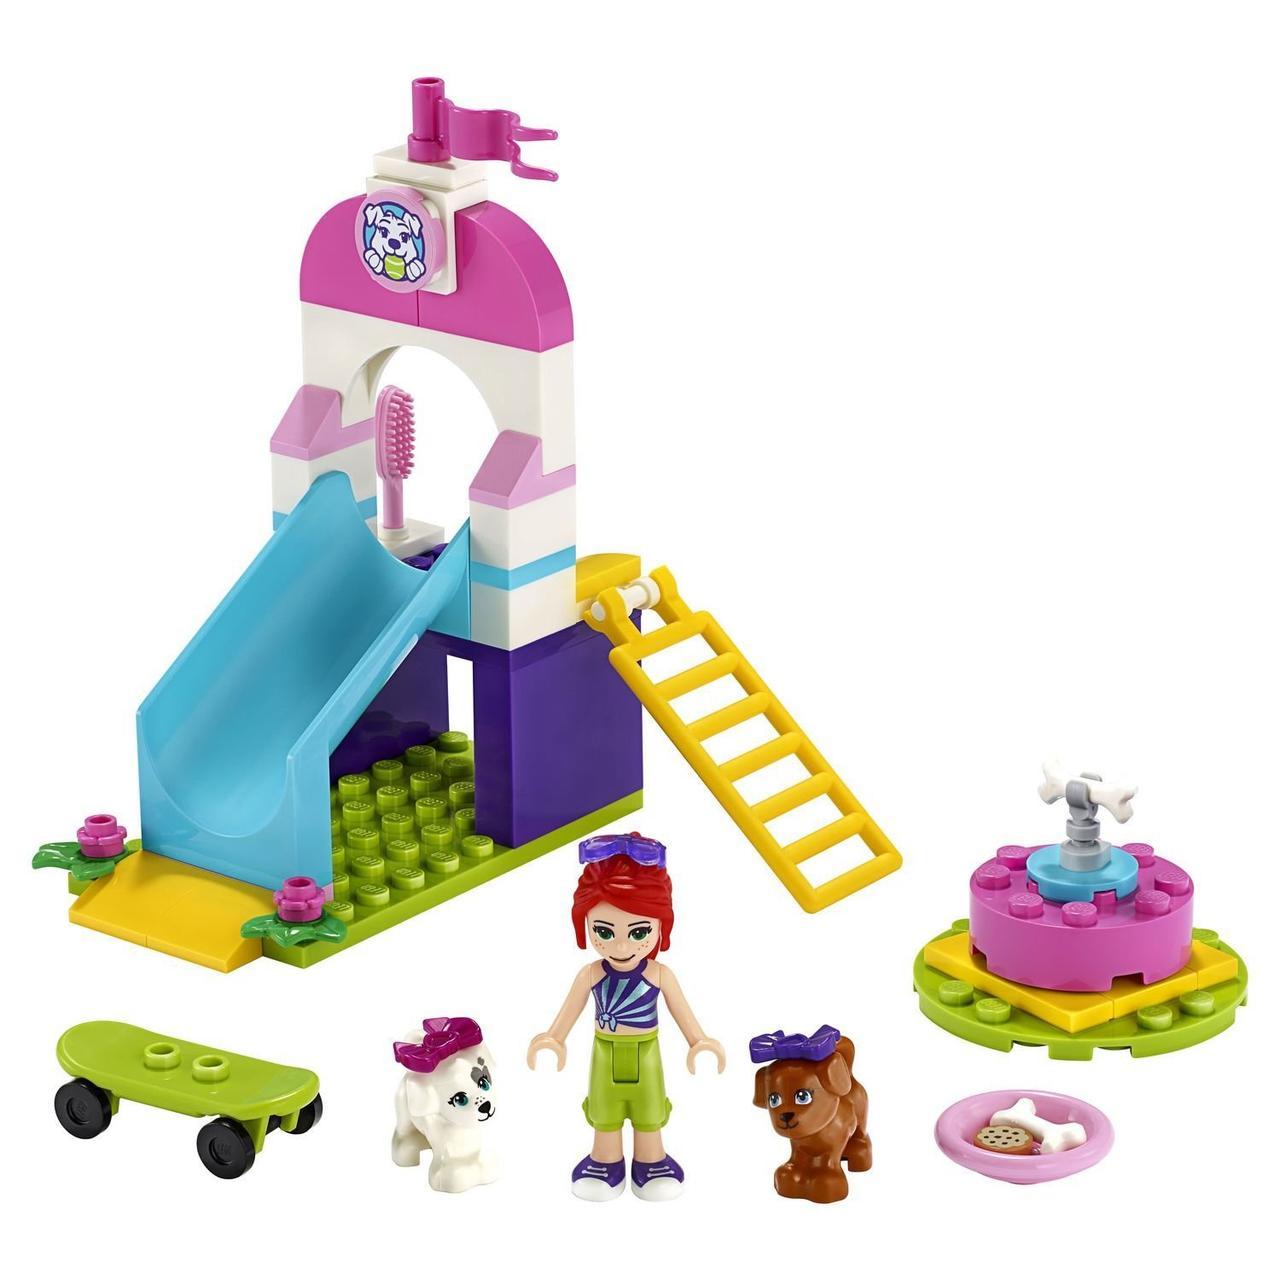 LEGO Friends 41396 Игровая площадка для щенков, конструктор ЛЕГО - фото 3